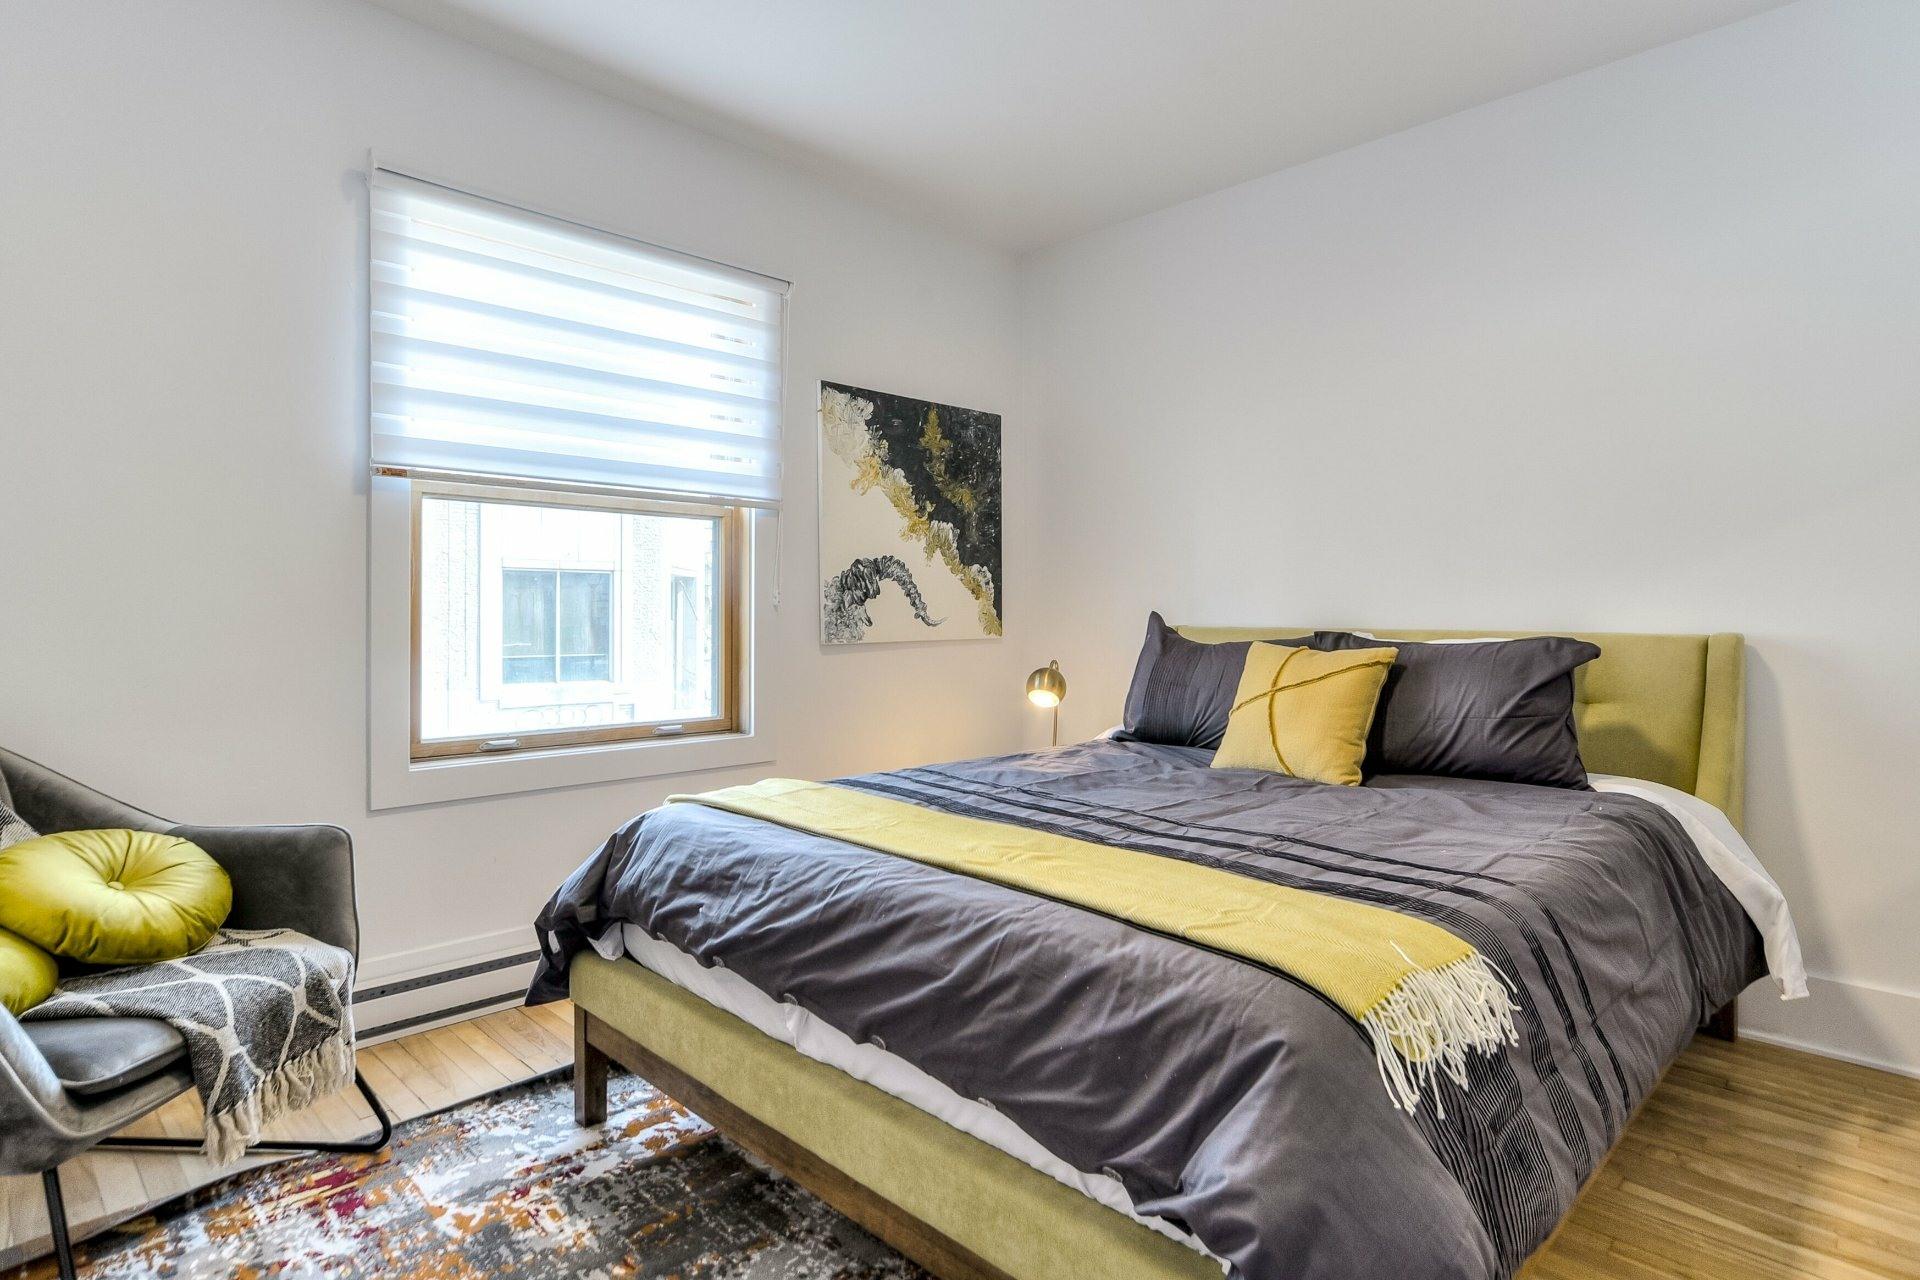 image 15 - Immeuble à revenus À vendre Montréal Villeray/Saint-Michel/Parc-Extension  - 3 pièces